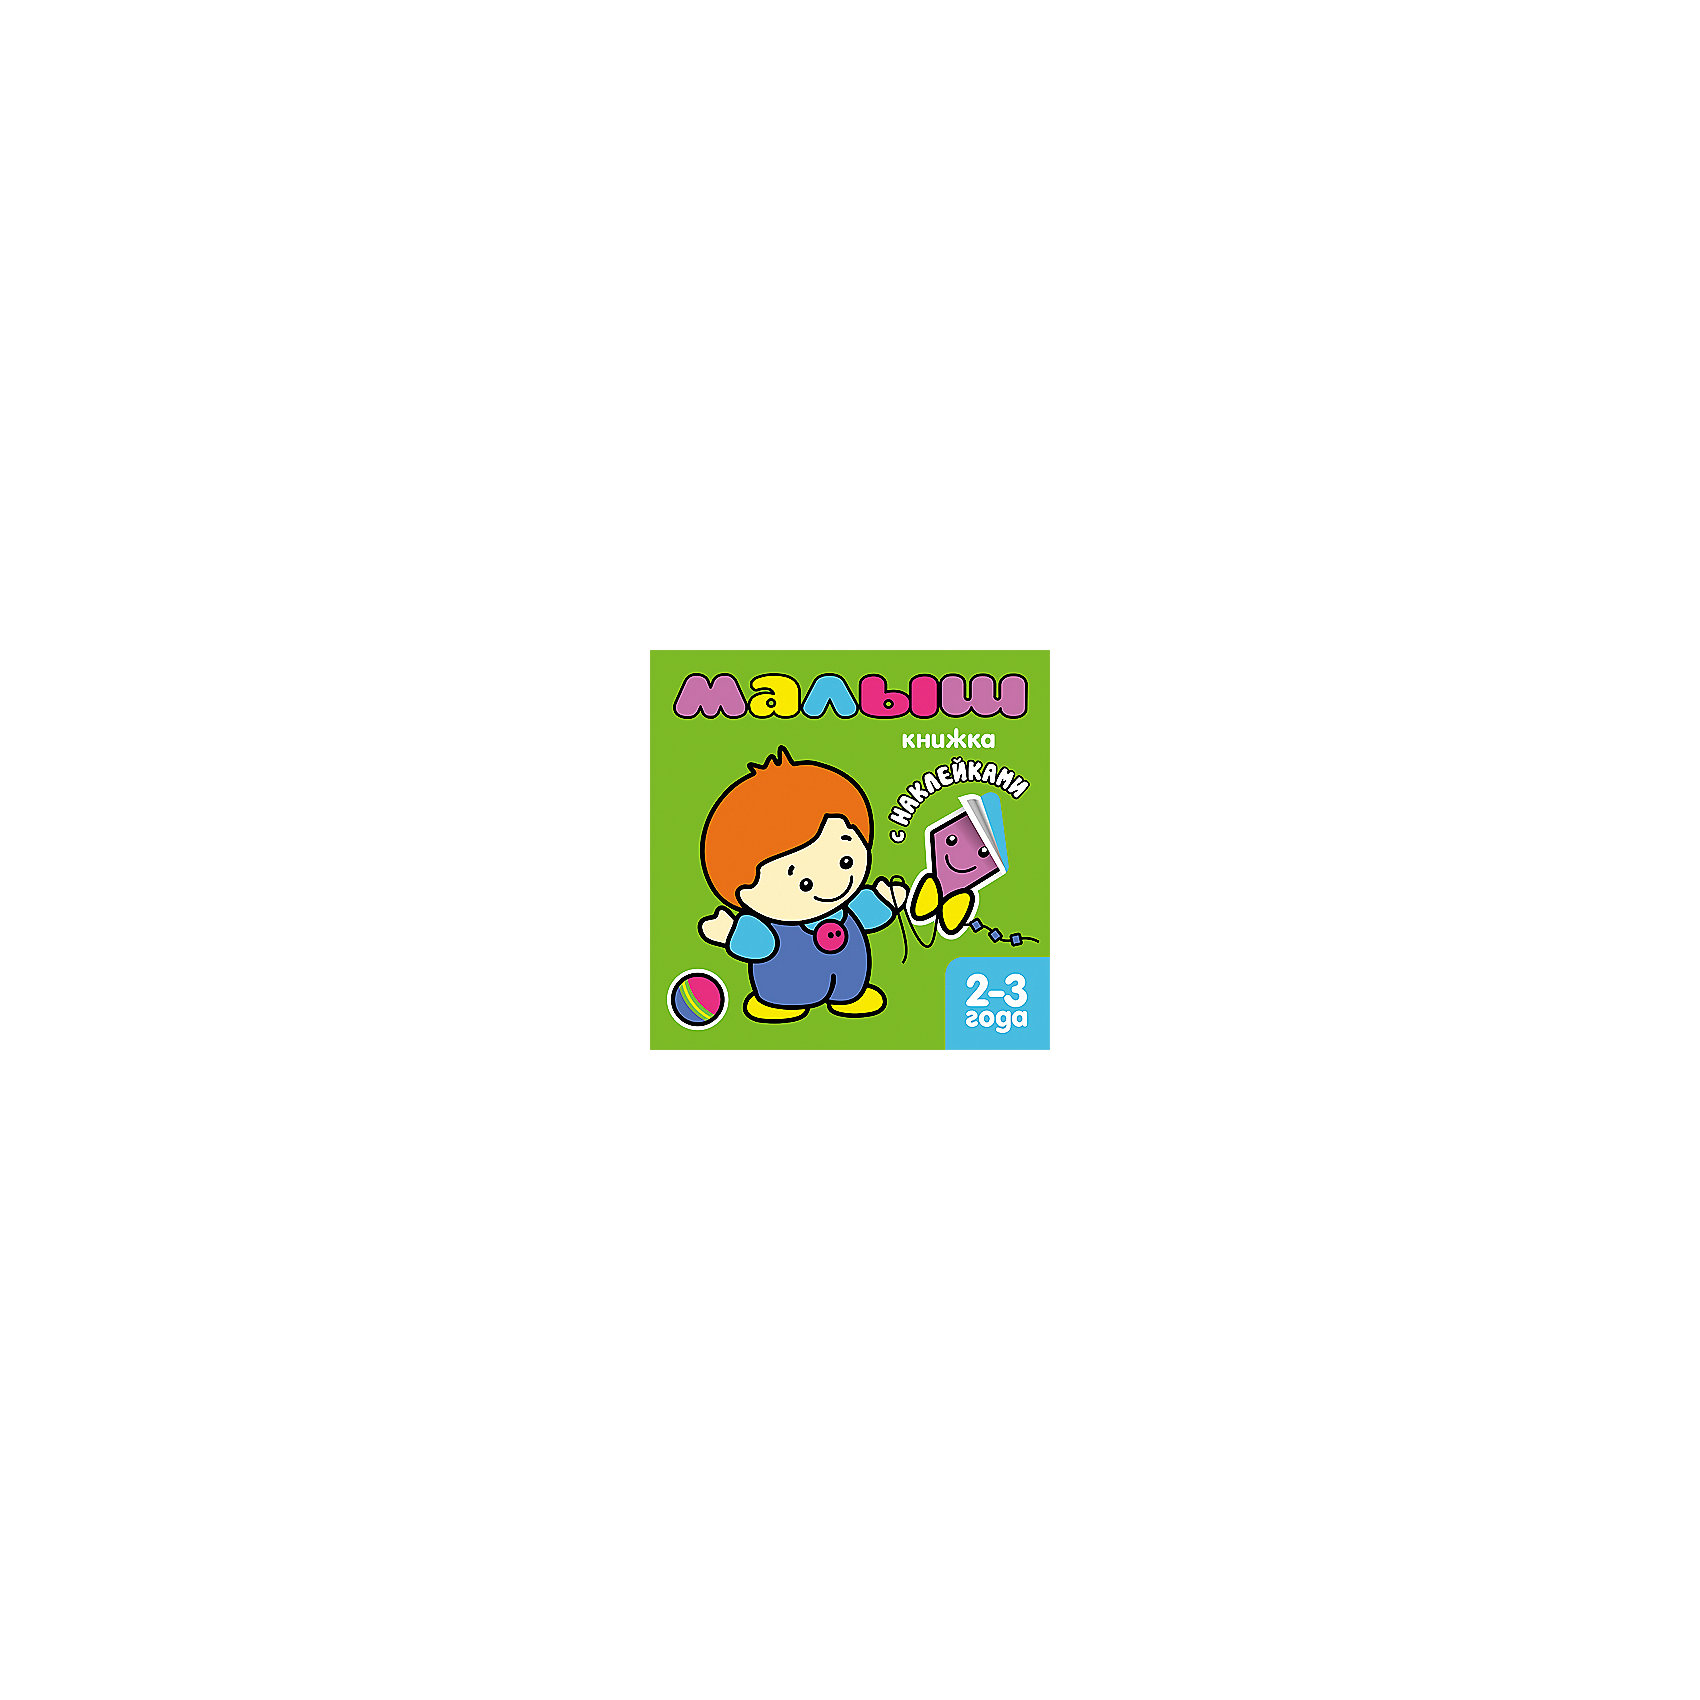 Малыш, Книжка с наклейками для самых маленькихРисование<br>Характеристики книжки Малыш с наклейками:<br><br>• возраст: от 2 лет до 3 лет<br>• ISBN: 9785867758707<br>• пол: для мальчиков <br>• материал: бумага (мелованная)<br>• количество страниц: 8<br>• размер книжки: 22х22х1 см.<br>• масса: 74 гр.<br>• тип обложки: мягкая.<br>• иллюстрации: цветные.<br>• автор: Бурмистрова Л. Л.<br>• бренд: Мозаика-Синтез<br>• страна обладатель бренда: Россия.<br><br>Яркие картинки, крупные многоразовые наклейки и веселые стишки придуманы специально для самых маленьких читателей. Детям надо раскрасить картинку, сравнить ее с  готовой картинкой, найти различия и наклеить наклейку. Малышам очень понравится эта развивающая книжка. <br><br>Страницы выполнены из плотной мелованной бумаги, оформлены очень красочно - все разного цвета и на каждой нарисованы свои фигуры.<br>Благодаря этому малыш сможет ознакомиться с различными названиями цветов и формами. Приклеивая наклейки, можно не бояться сделать это неправильно - они легко отклеиваются от страничек.<br><br>Книжку Малыш с наклейками издательства Мозаика-Синтез можно купить в нашем интернет-магазине.<br><br>Ширина мм: 1<br>Глубина мм: 220<br>Высота мм: 220<br>Вес г: 75<br>Возраст от месяцев: 24<br>Возраст до месяцев: 36<br>Пол: Мужской<br>Возраст: Детский<br>SKU: 5362847